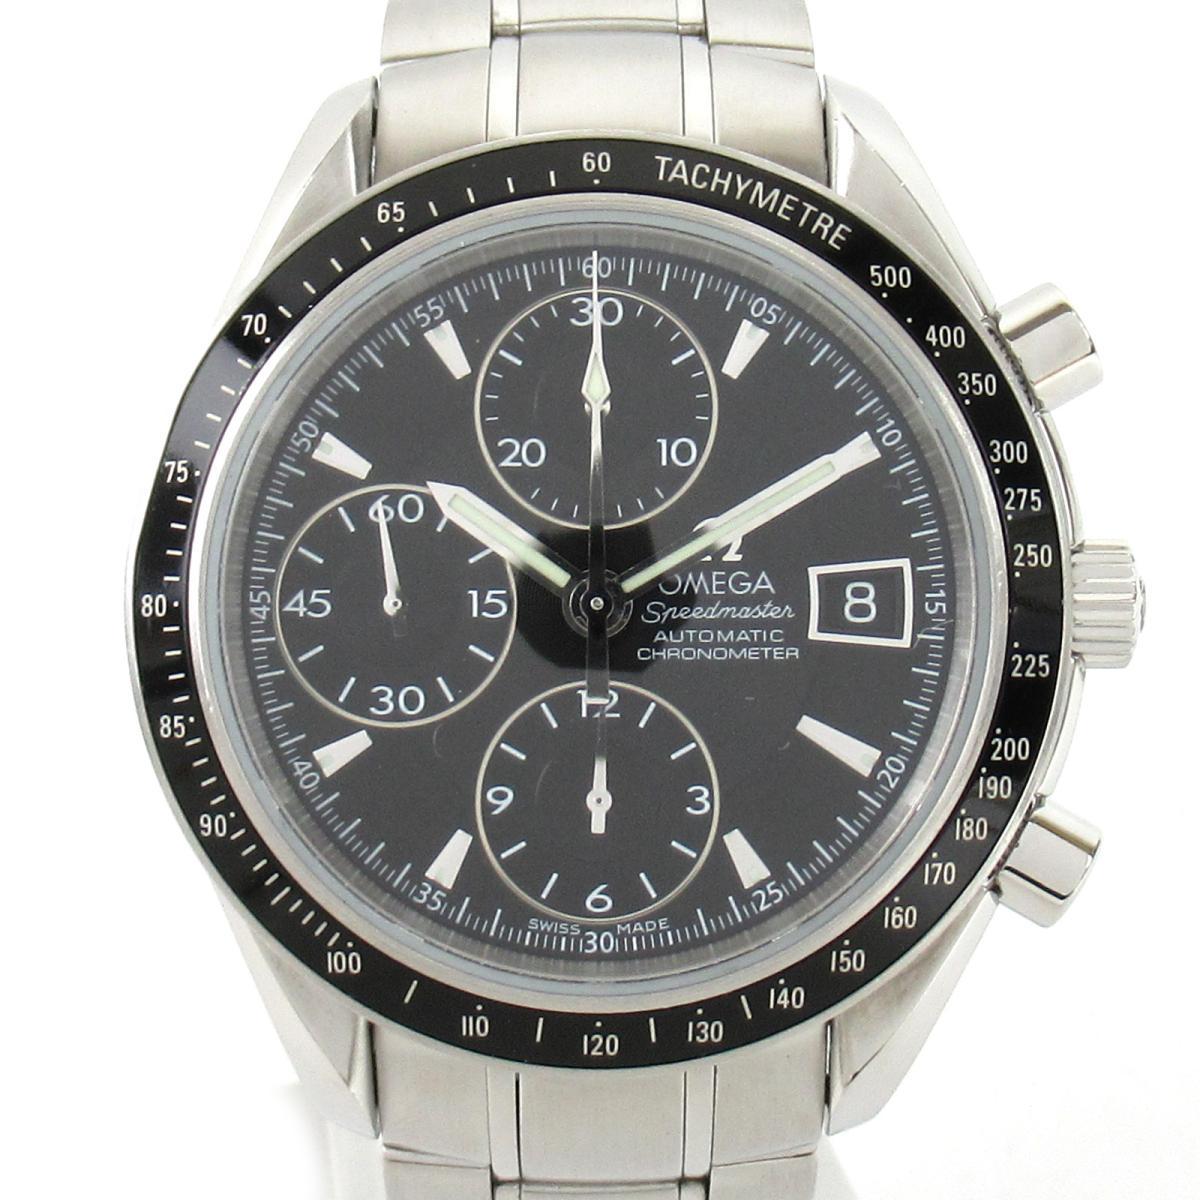 ≪期間限定≫メルマガ登録でクーポンGET! 【中古】 オメガ スピードマスター デイト ウォッチ 腕時計 メンズ ステンレススチール (SS) (3210.50) | OMEGA BRANDOFF ブランドオフ ブランド ブランド時計 ブランド腕時計 時計